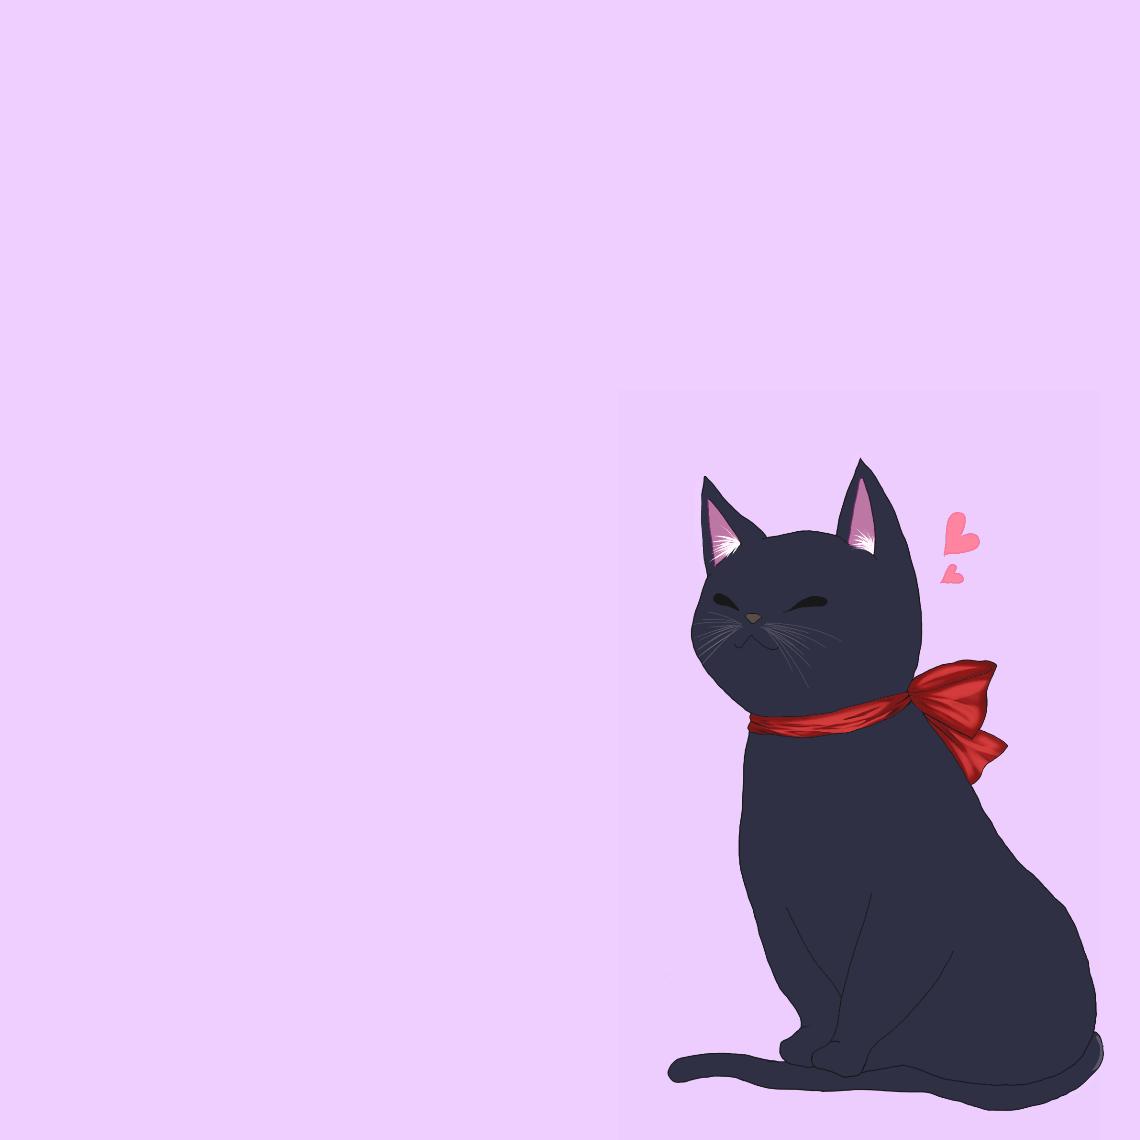 黒猫 スマホケース タブレットケース汎用Mサイズ